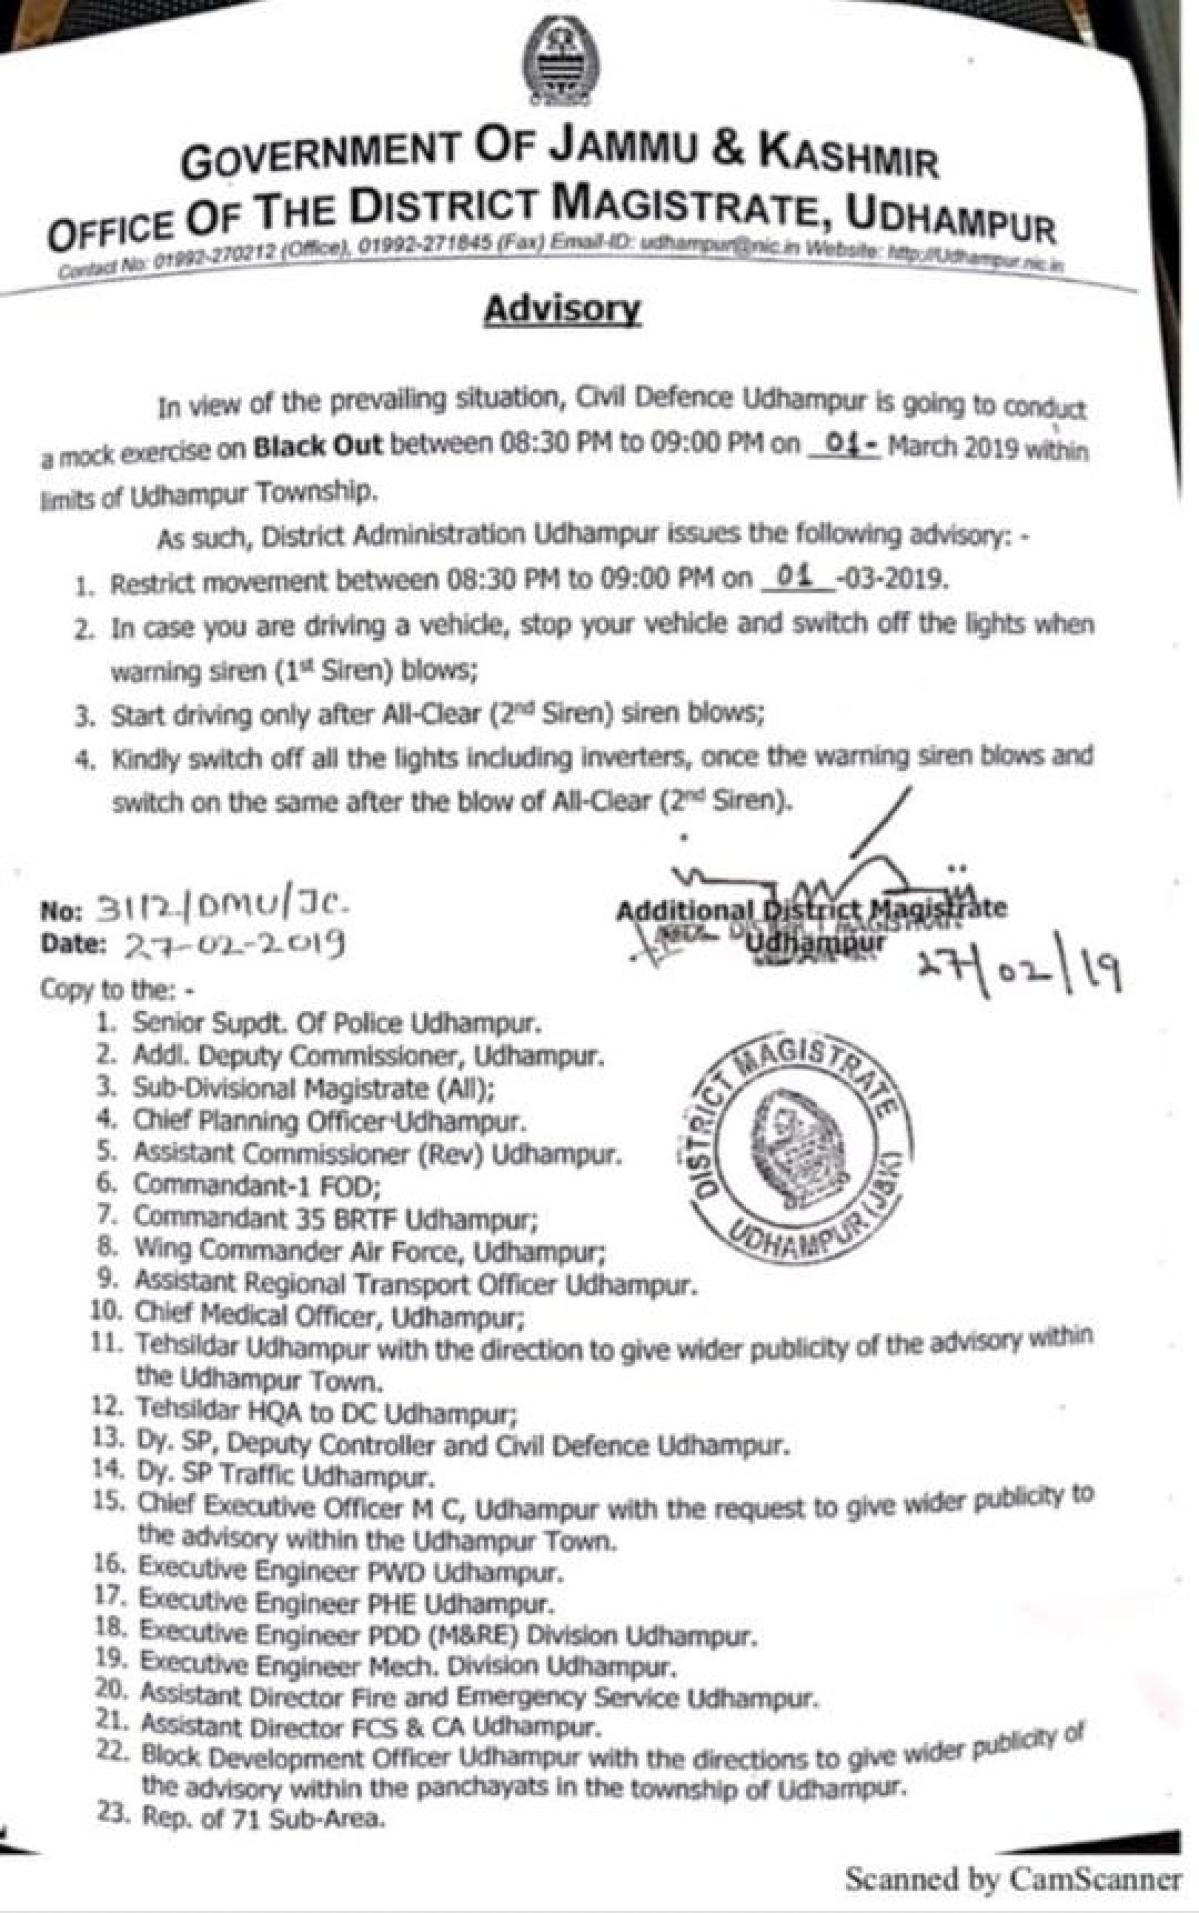 उधमपुर में कल रात होगा ब्लैक आउट,  पाकिस्तान के साथ बढ़े तनाव के बीच प्रशासन का मॉक ड्रिल